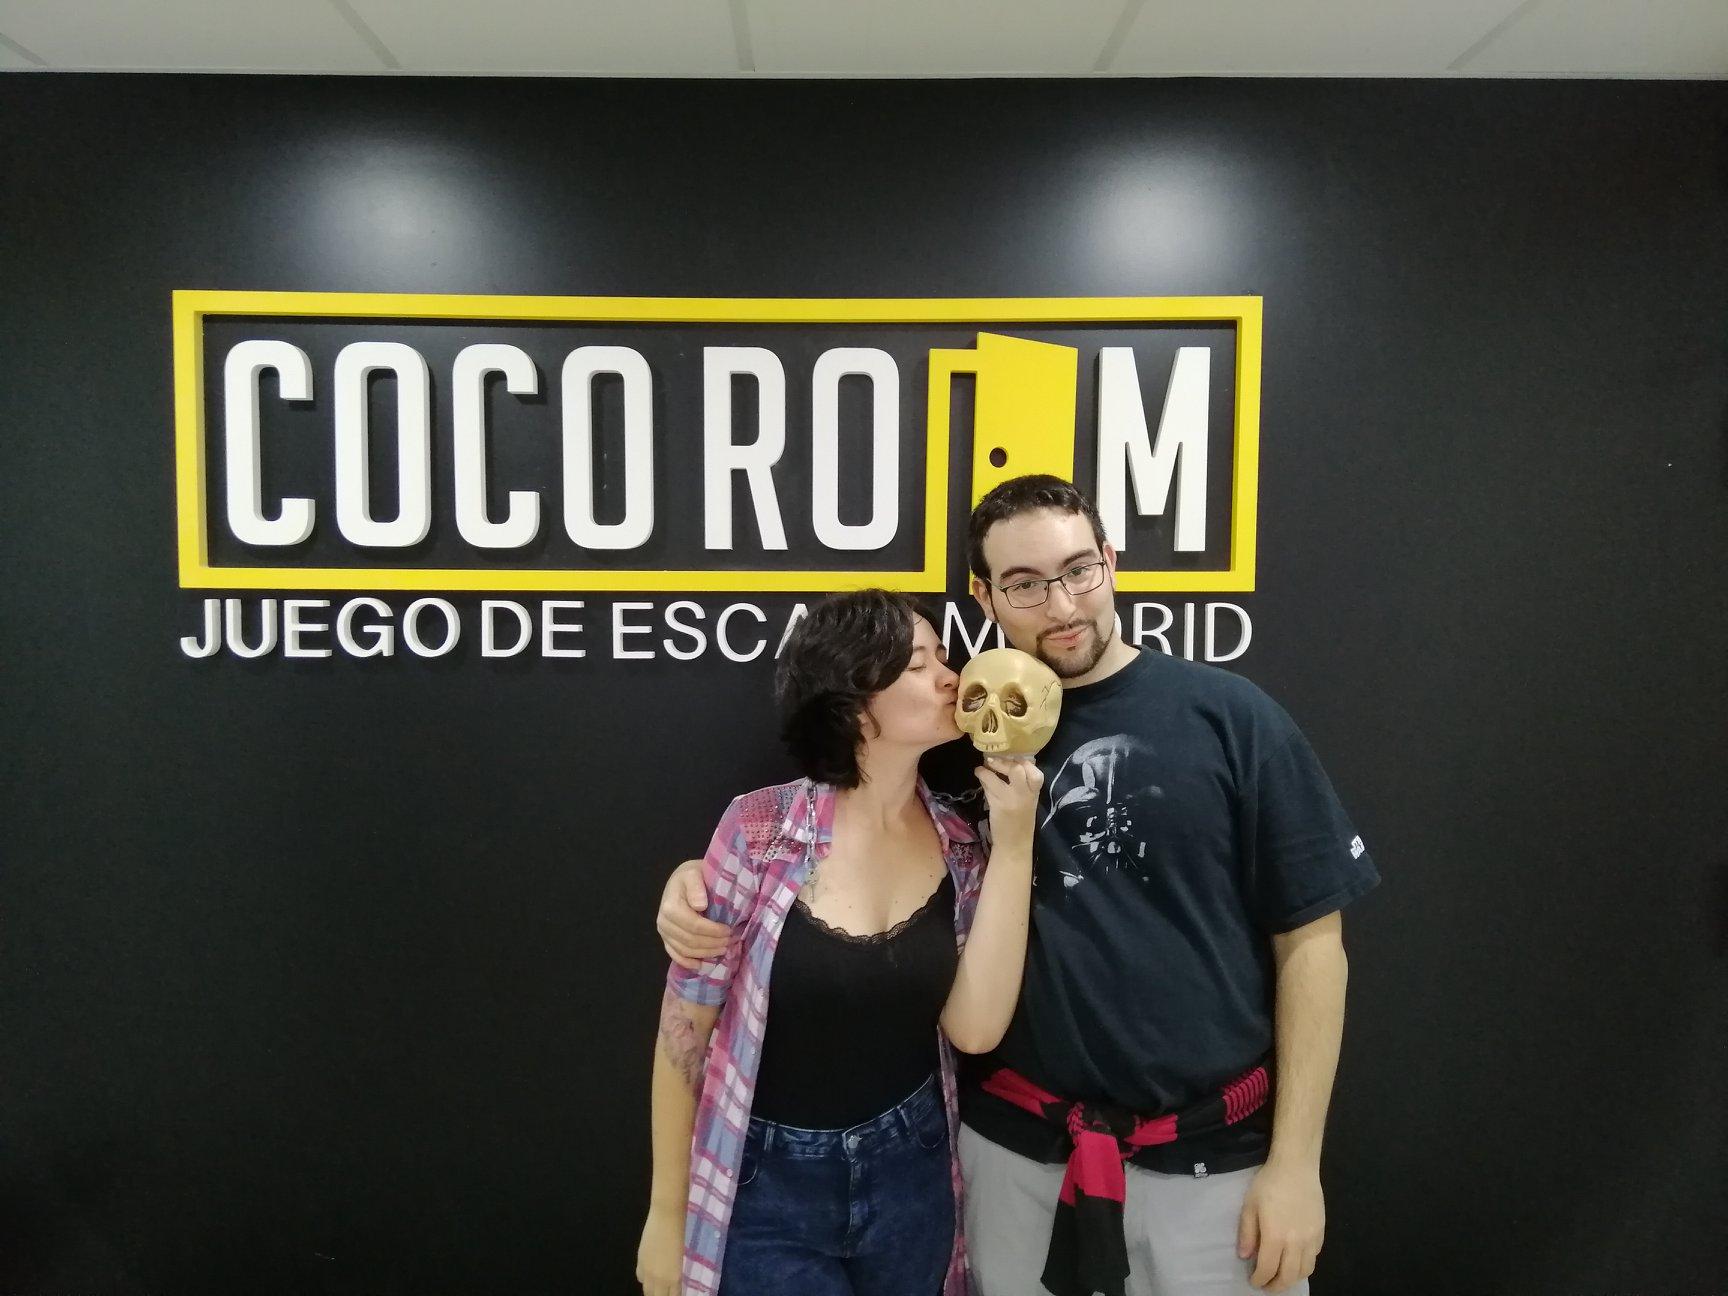 El enigma de Goya (Cocoroom Madrid).jpg